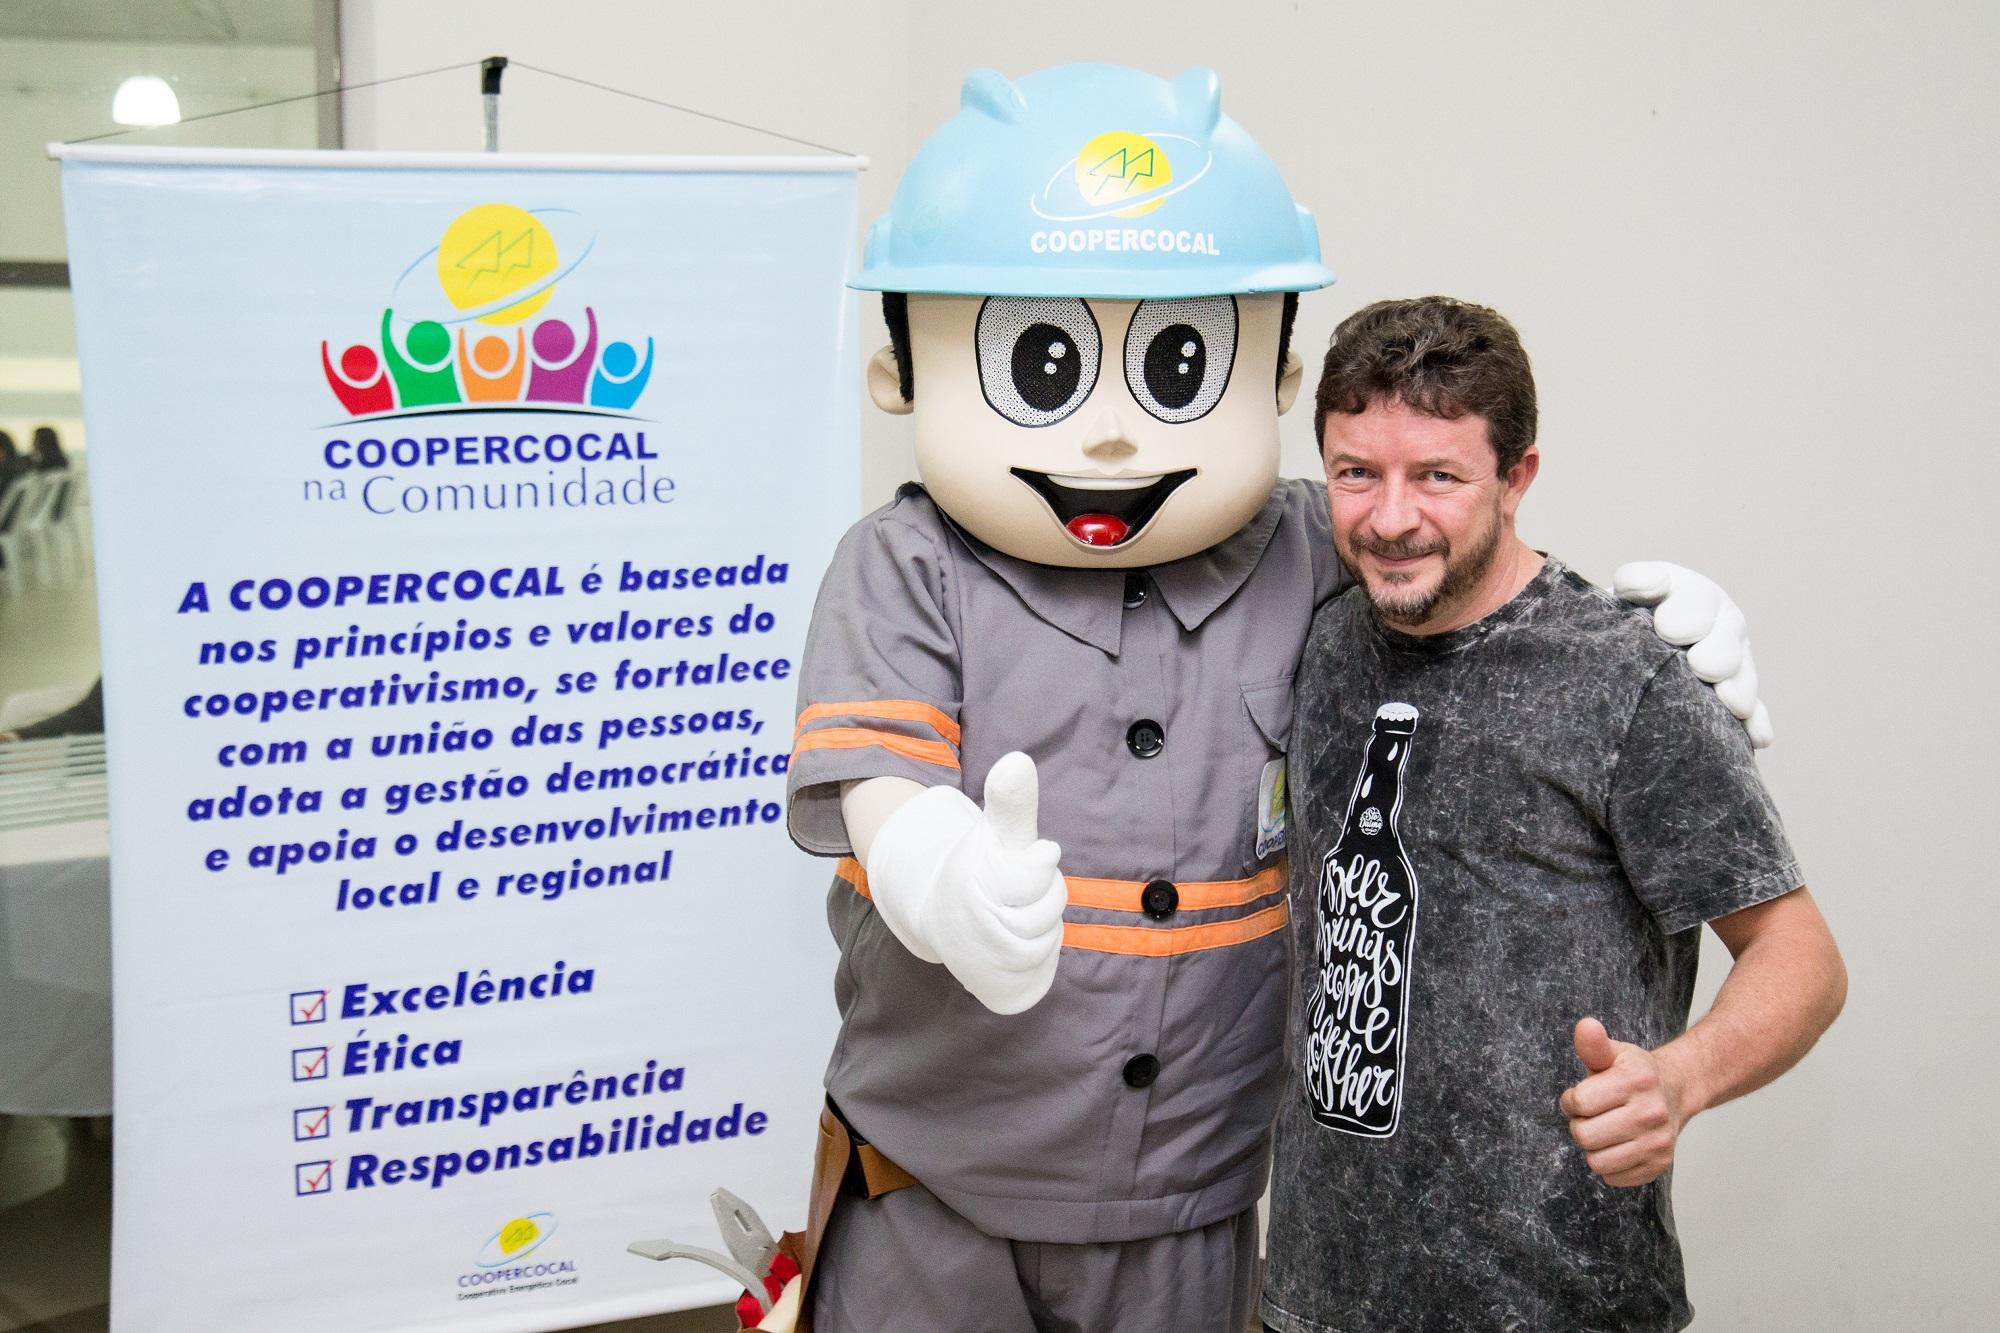 ©Dioni Pedroso/ Balada.biz. Todos os direitos reservados